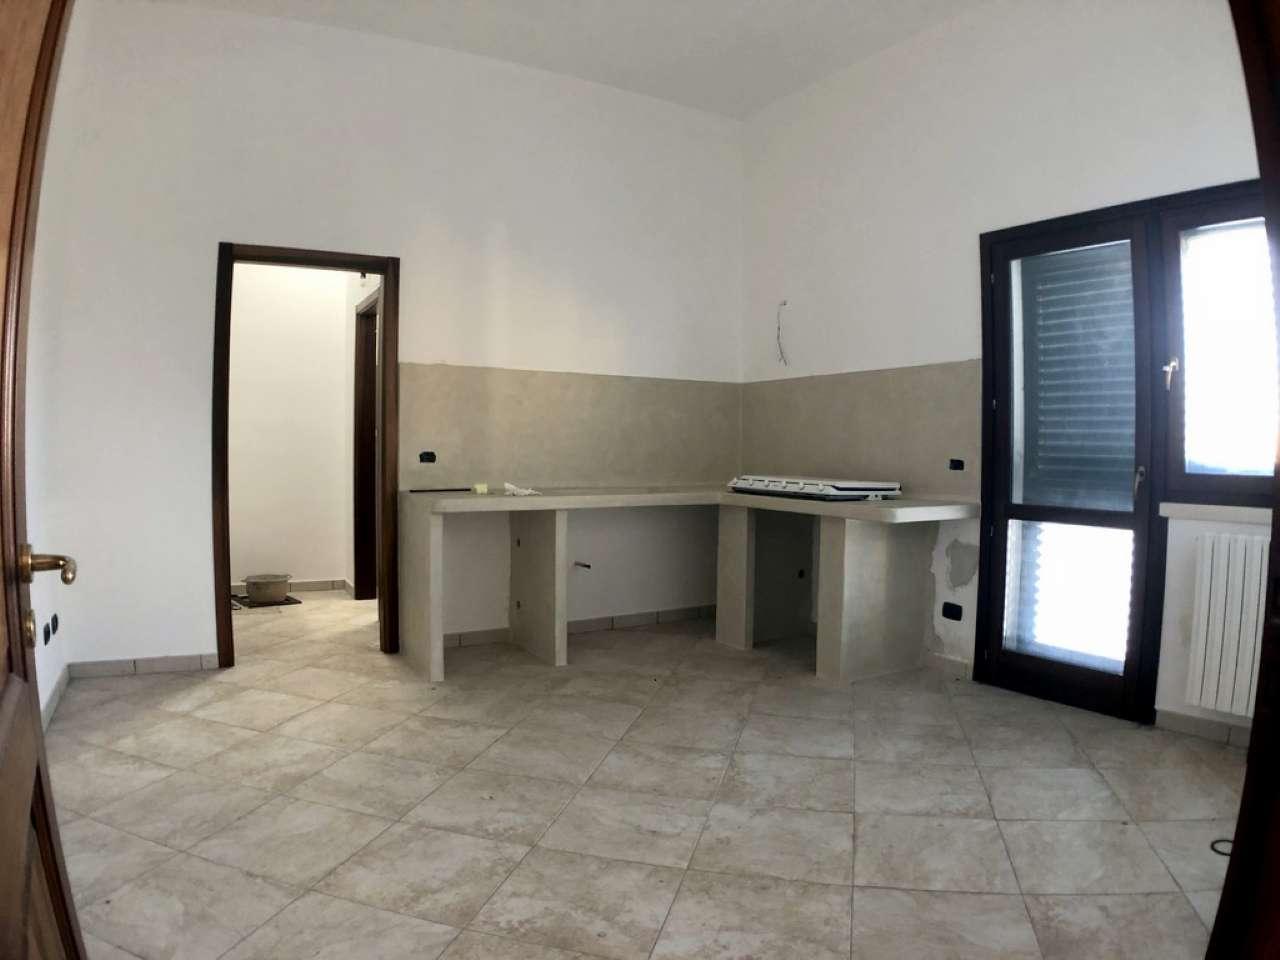 VENDITE Rustici e Case San Cesario di Lecce 7313475